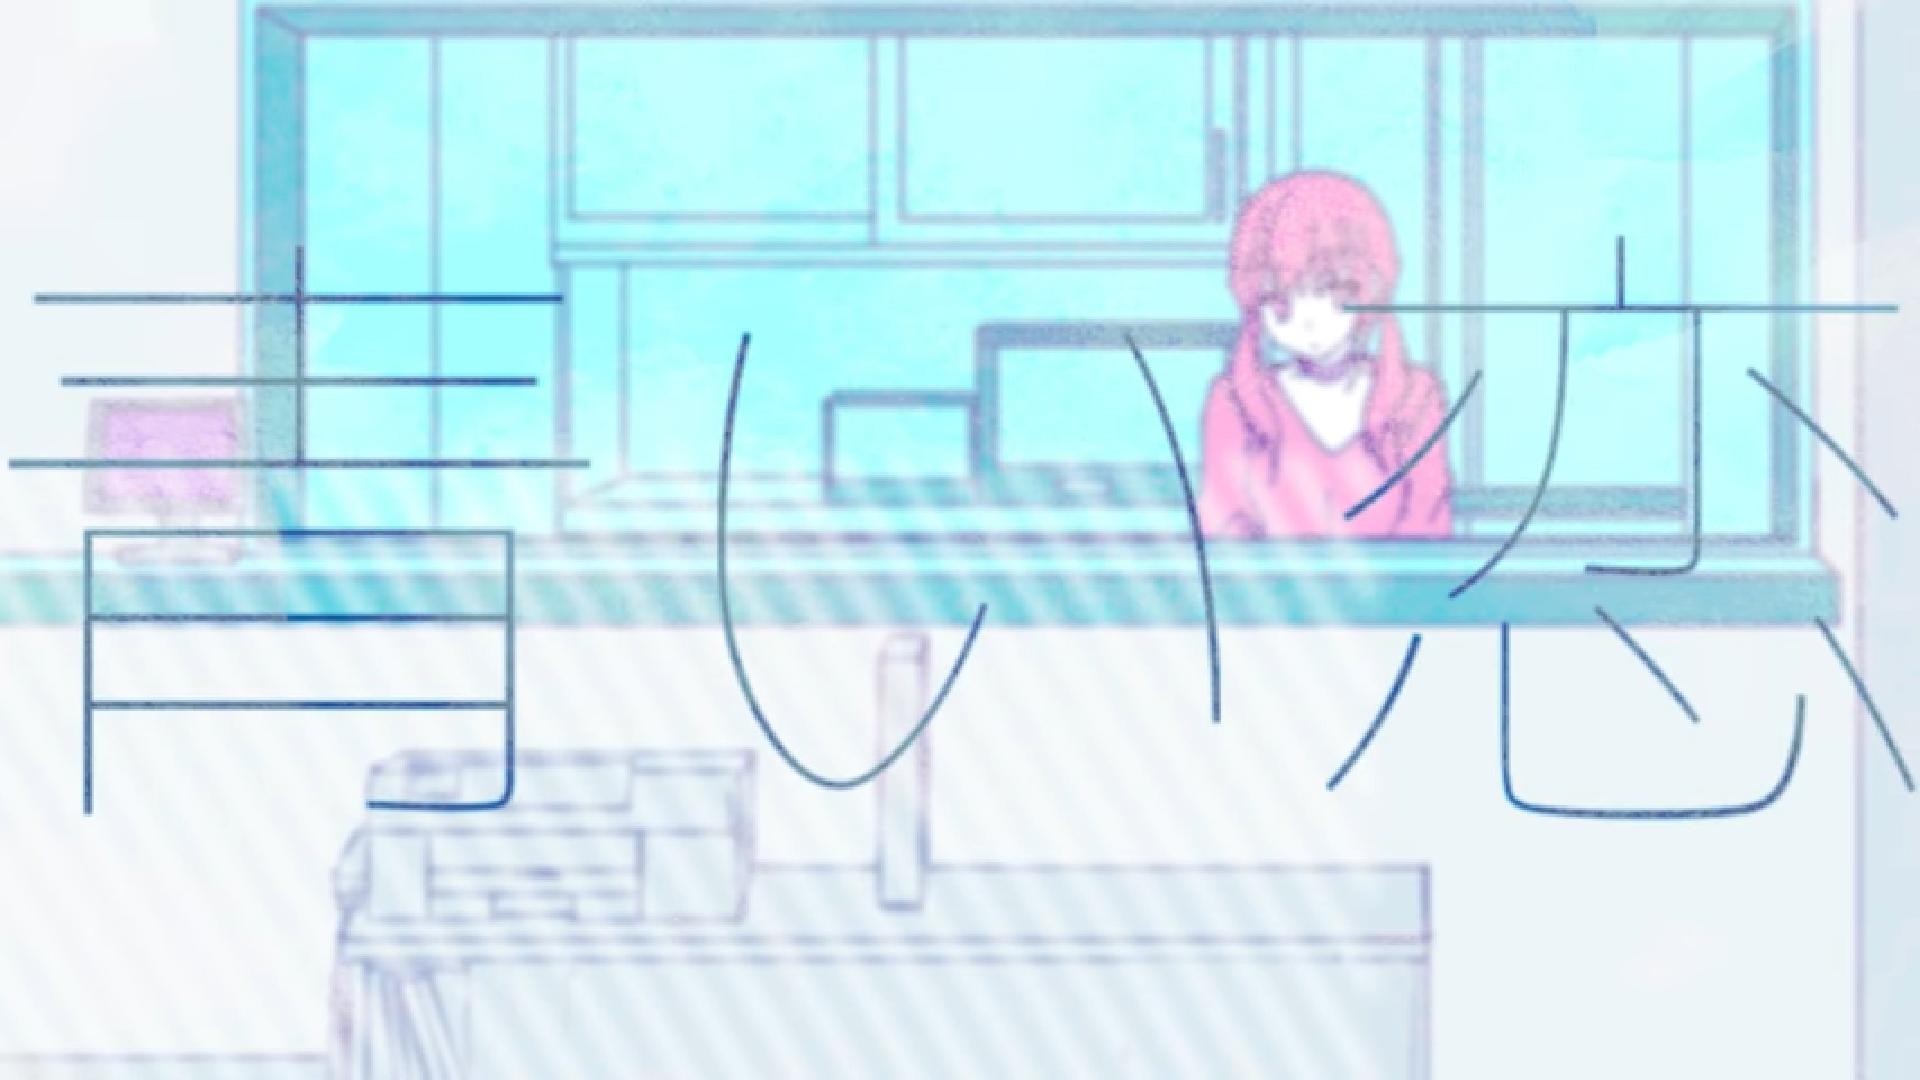 青い恋 (Aoi Koi)